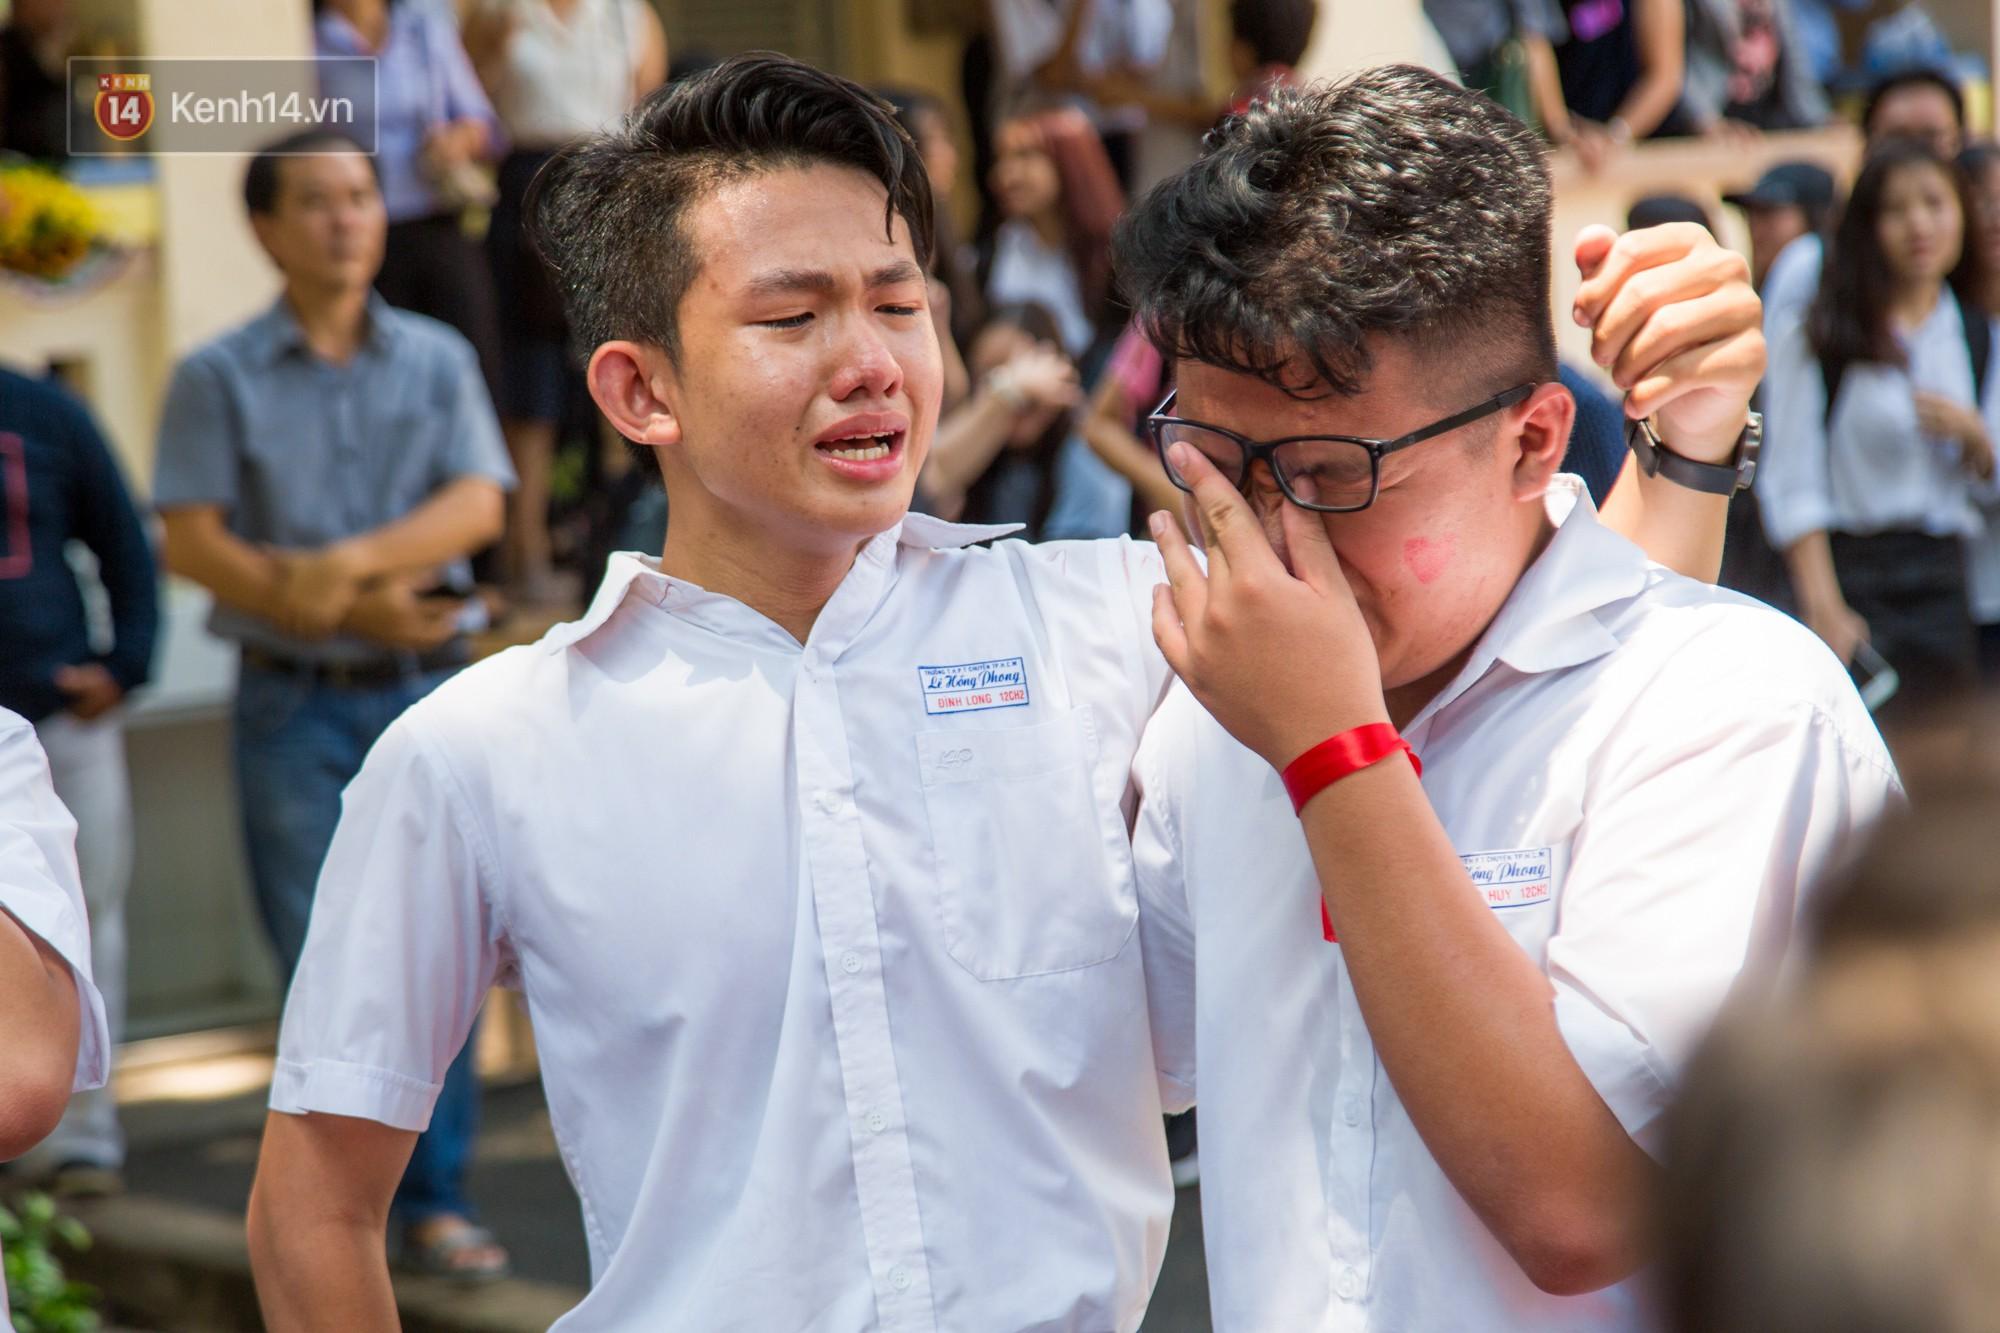 Ngày ra trường của teen Lê Hồng Phong: Nụ cười và nước mắt, bạn tôi ơi xin bên nhau thêm chút nữa!-11